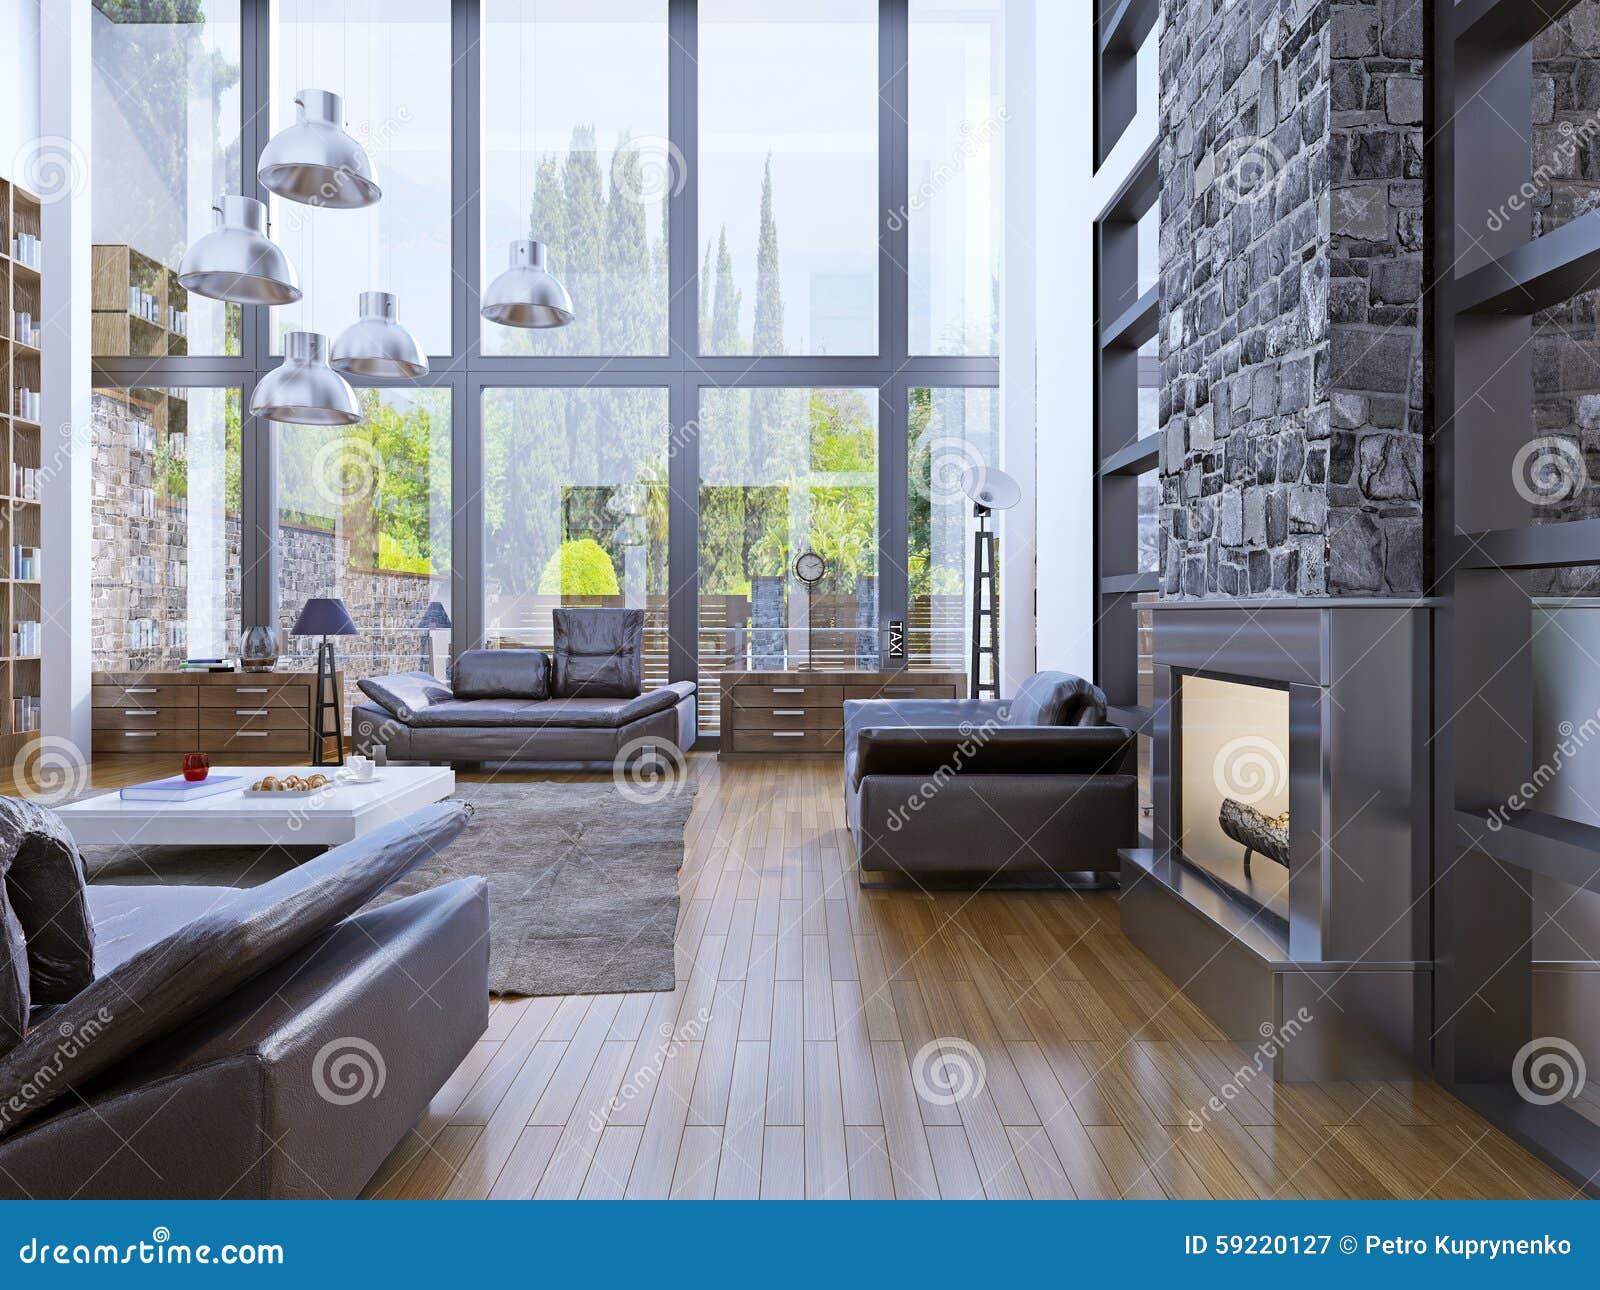 Design De Interiores Do Apartamento Do S 243 T 227 O Com Interior